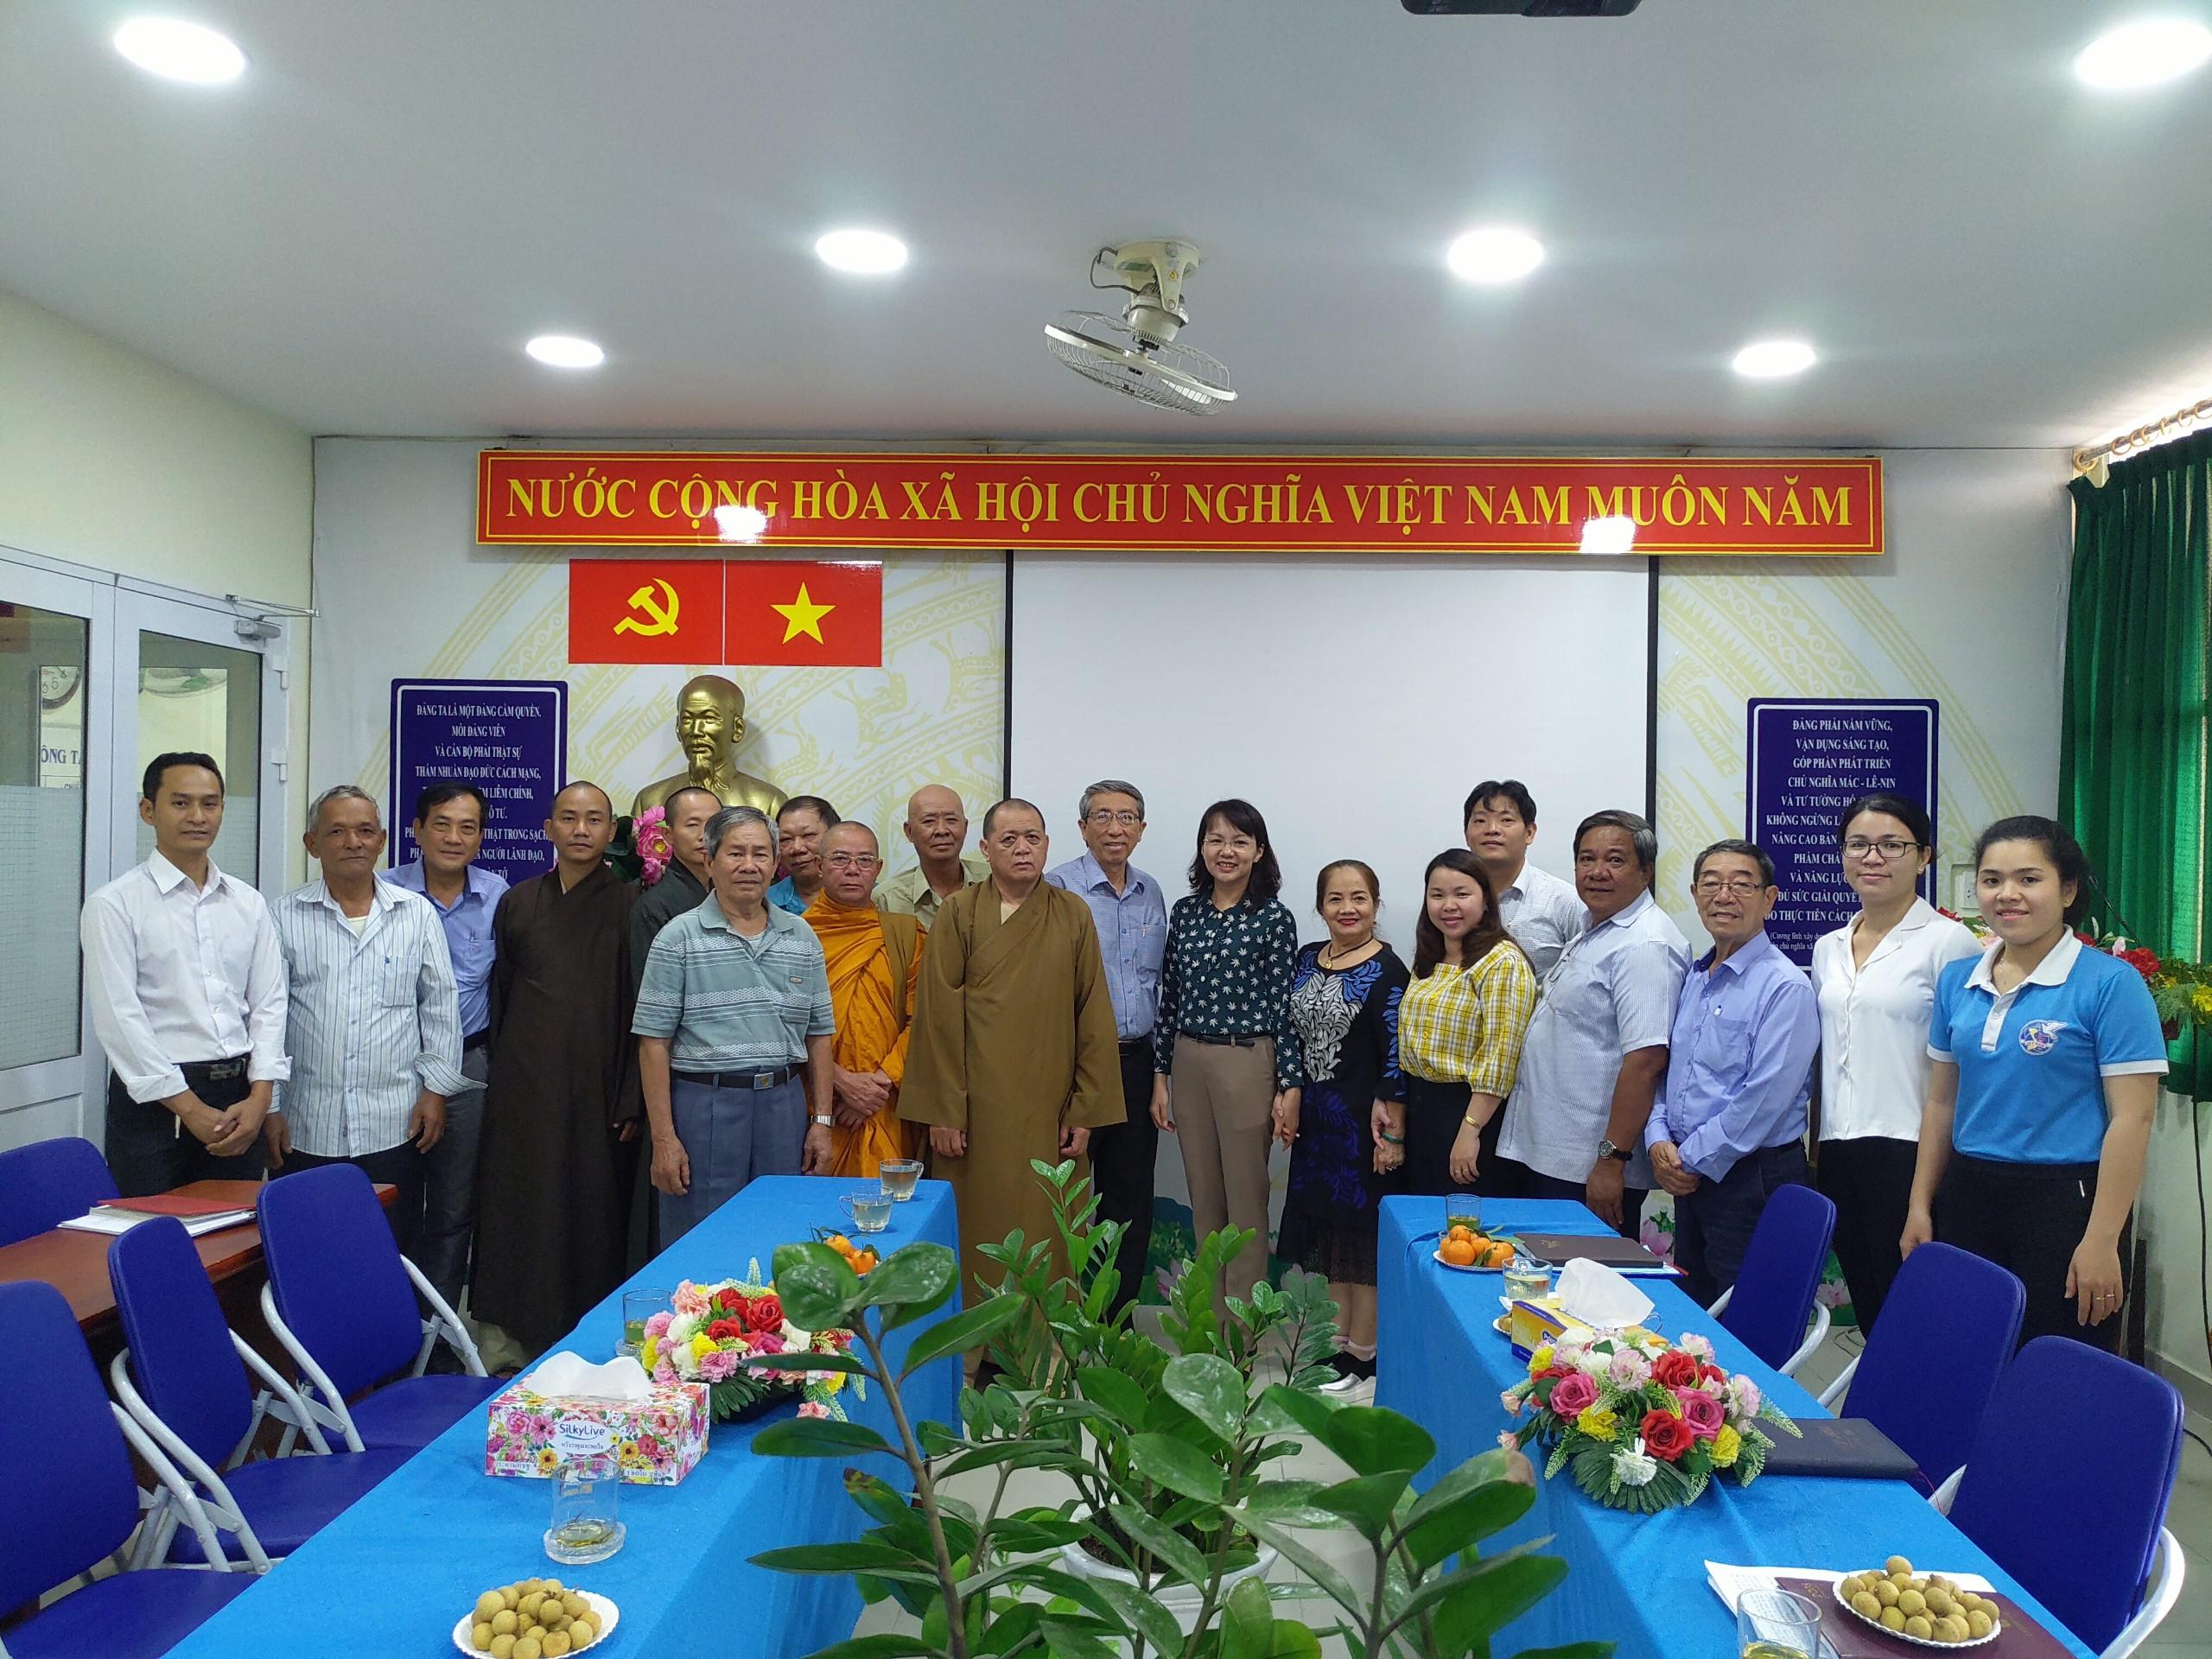 Hội nghị gặp gỡ giữa lãnh đạo phường với đại biểu các dân tộc, tôn giáo, thân nhân kiều bào trên địa bàn phường năm 2021